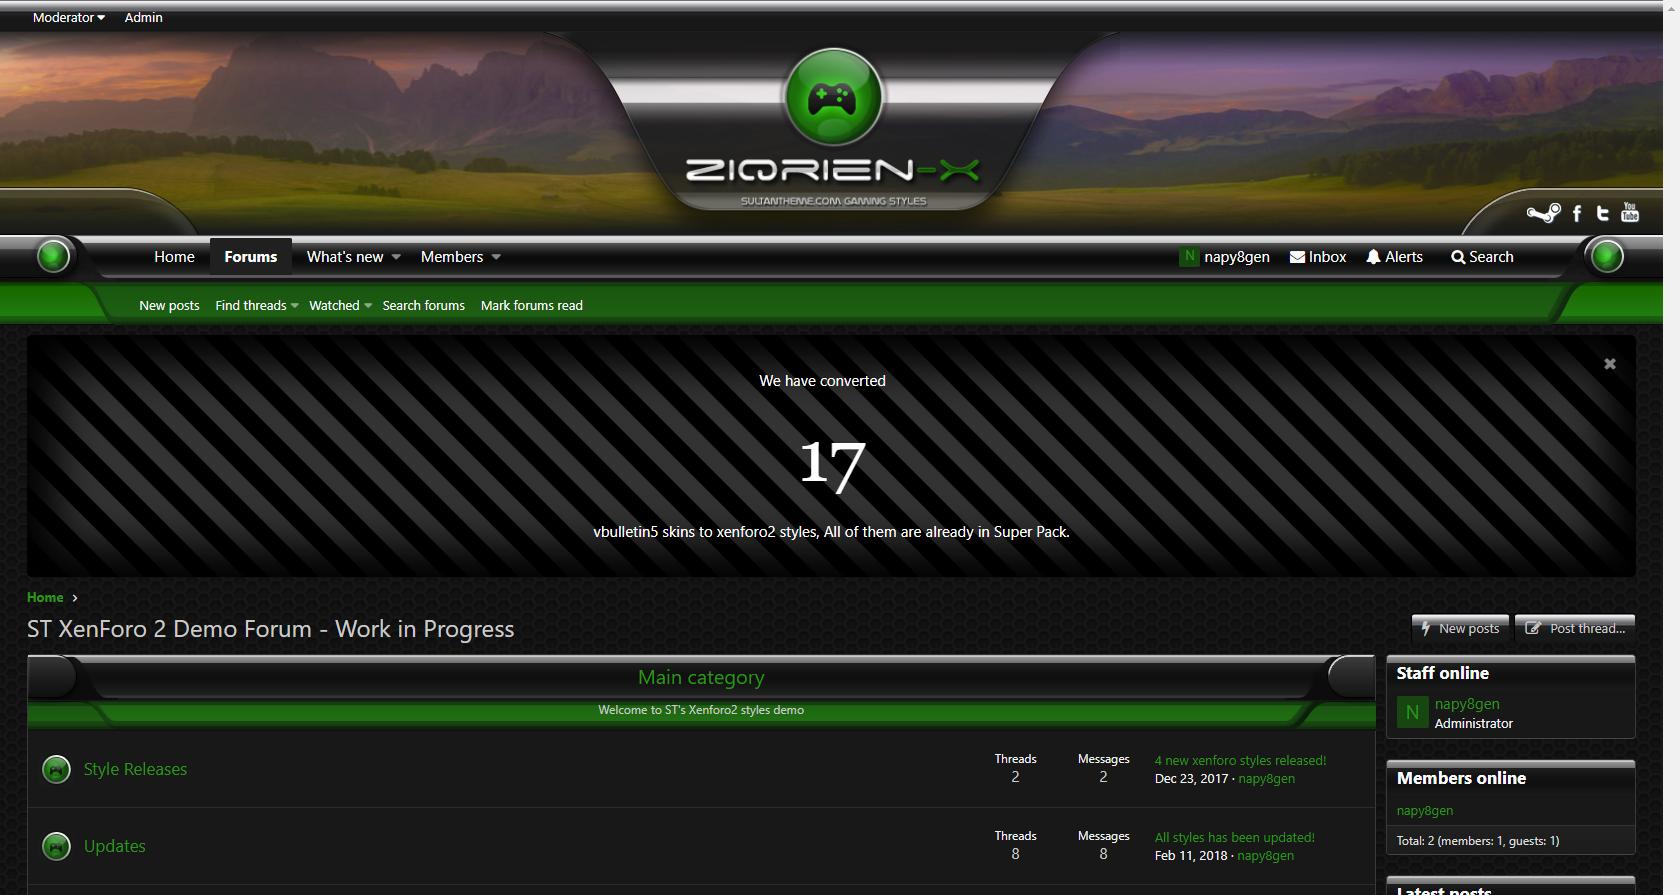 ziqrien g 2 - 7 new xenforo2 styles released!